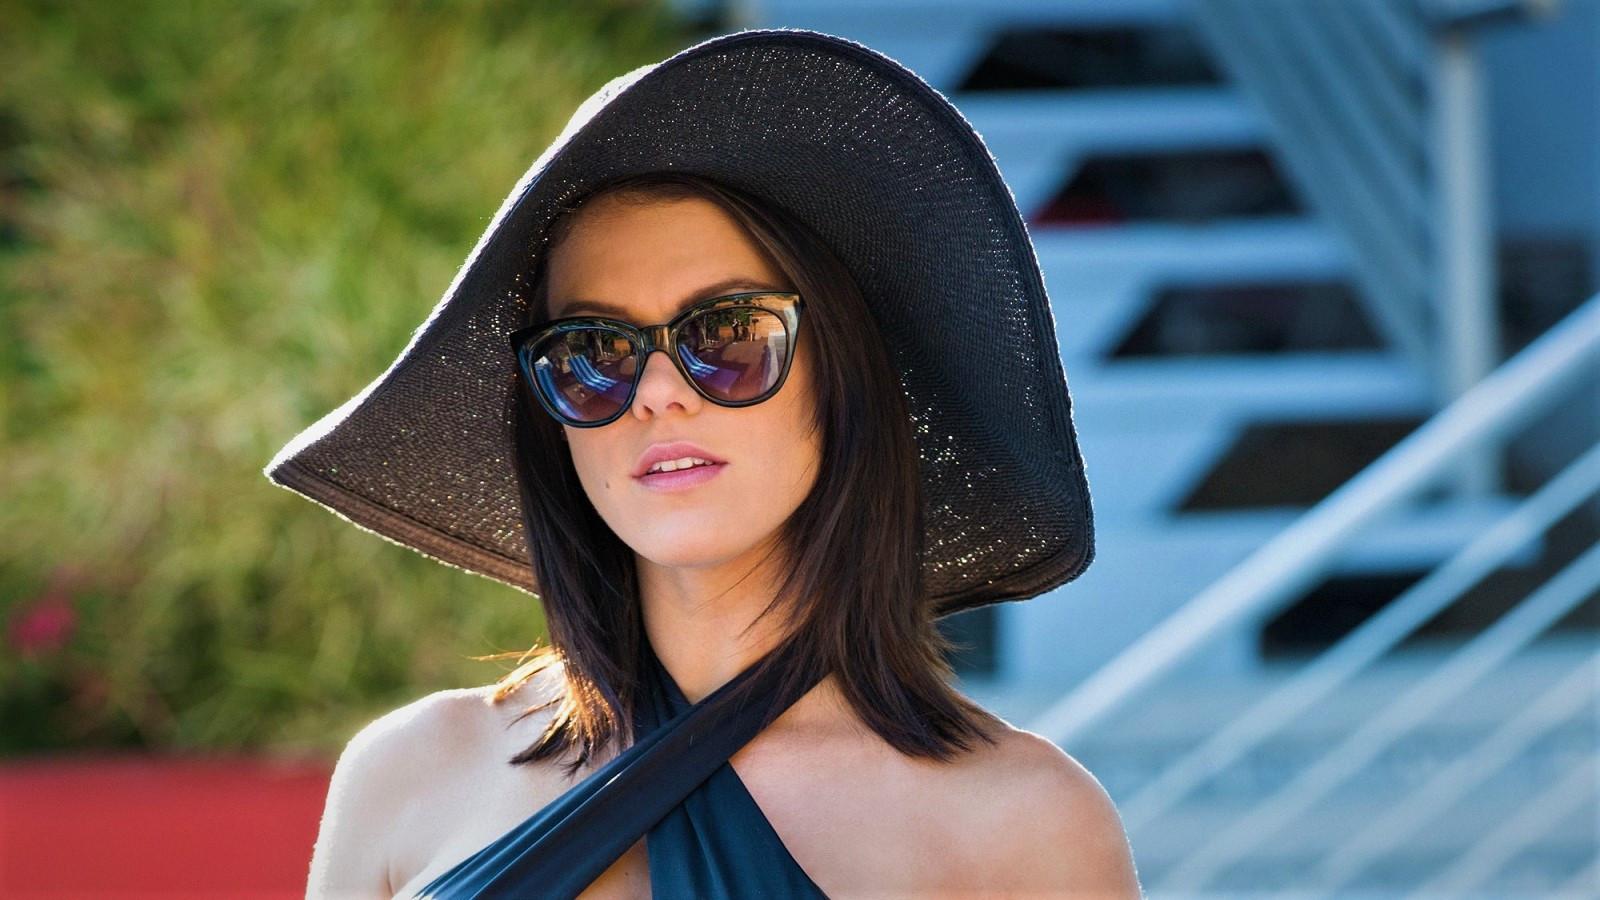 d66987339c71 Peta Jensen Kvinder med briller kigger på viever Kvinder model pornostjerne solbriller  hat Bare skuldre